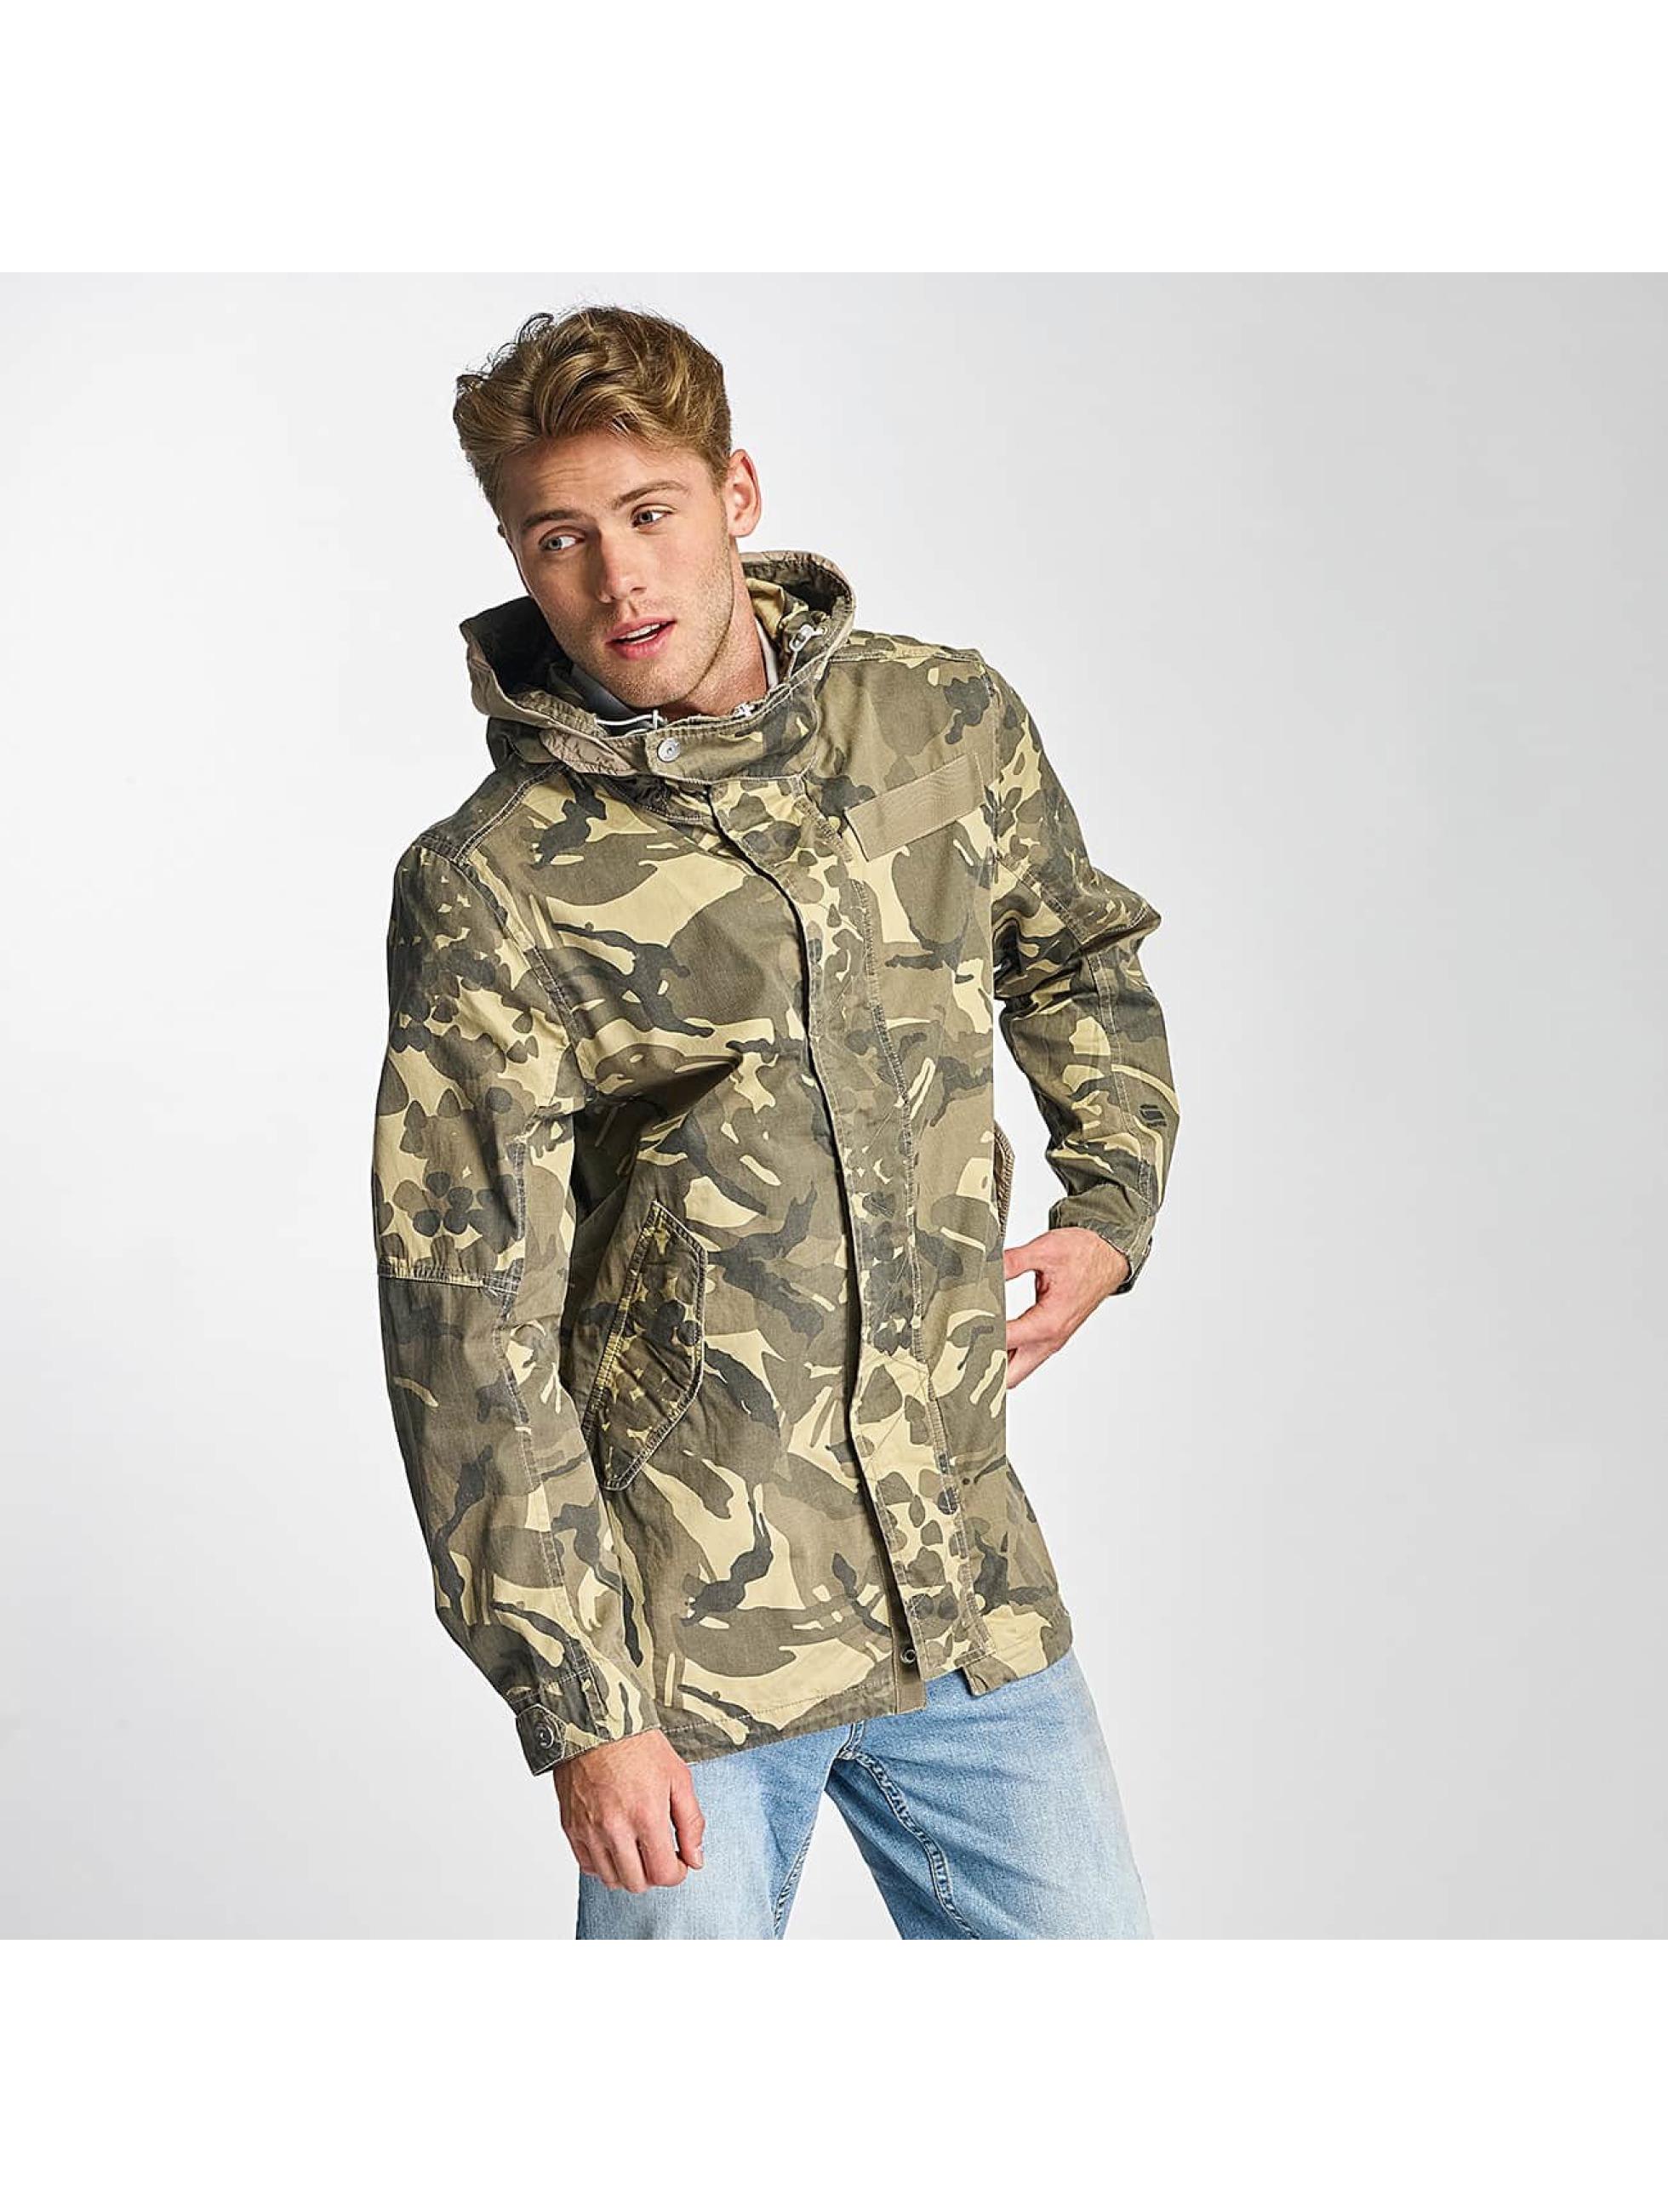 G-Star Batt Hdd camouflage Veste mi-saison légère homme